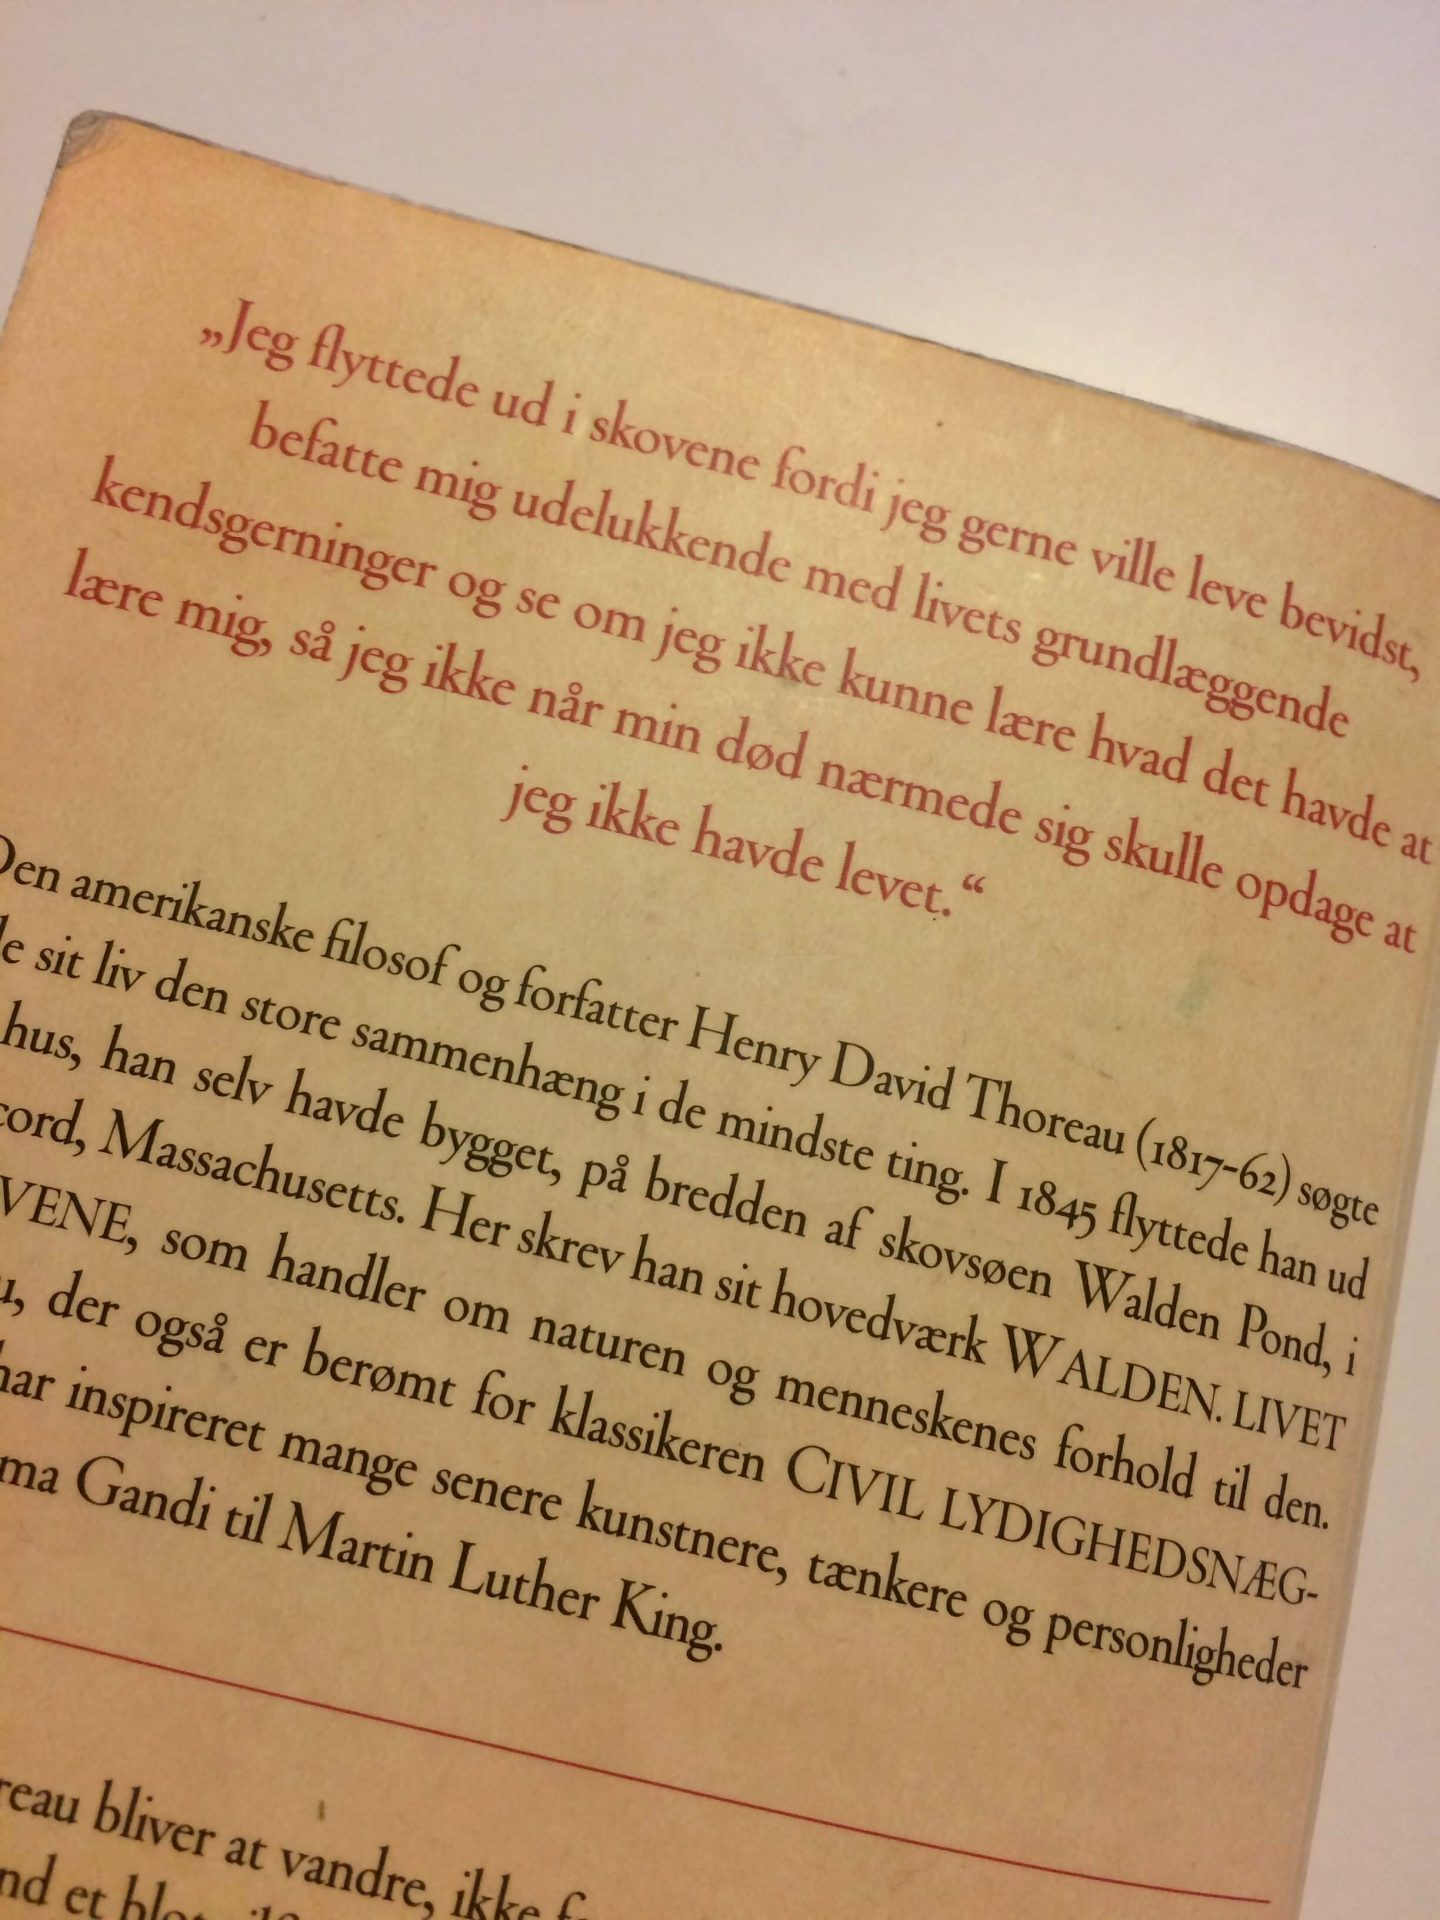 Billede af en side fra bogen 'Walden -Livet i skovene' af Henry David Thoreau.